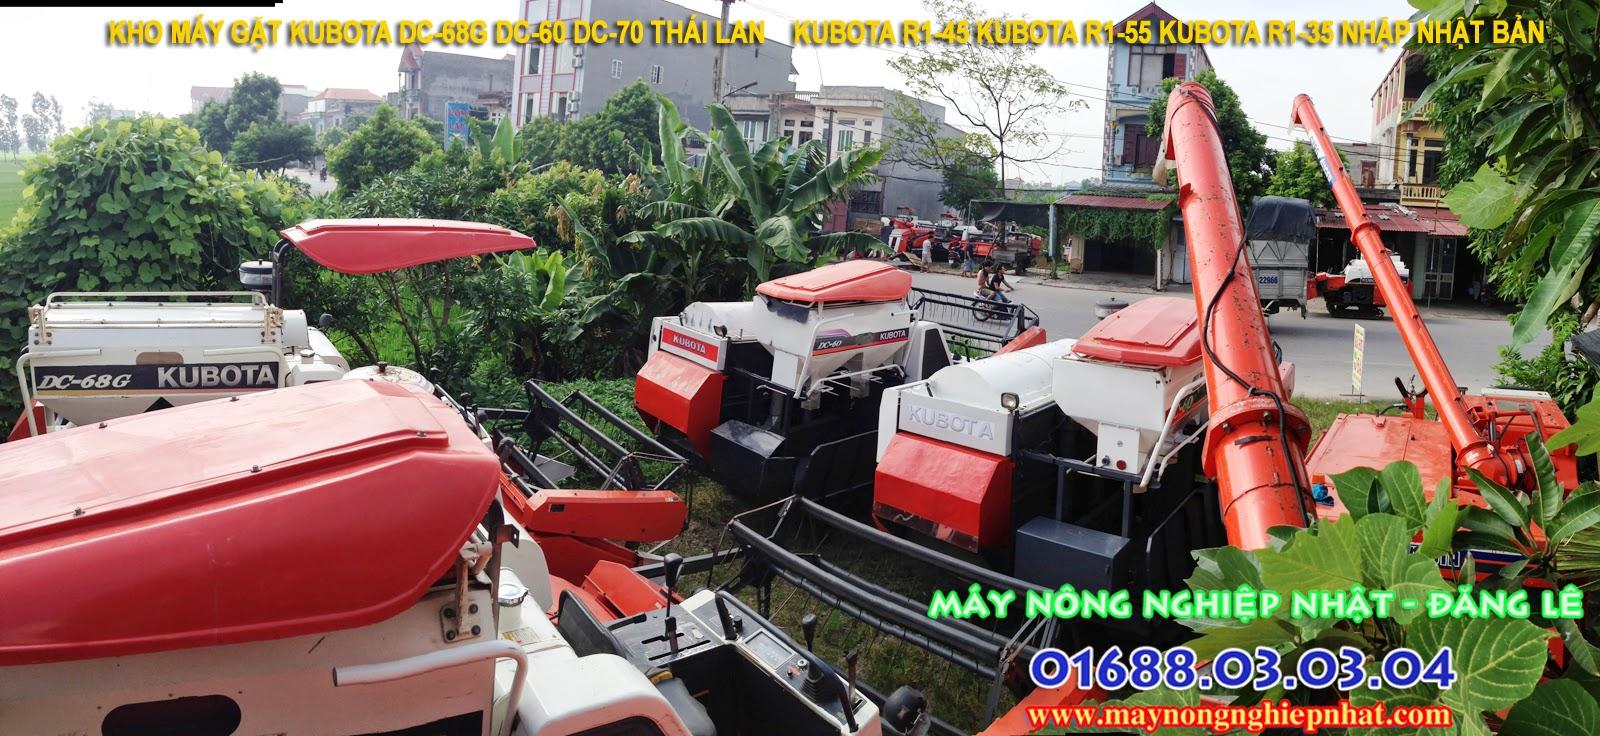 http://1.bp.blogspot.com/-Hx1D1cgFyhI/U_6mCTd0jtI/AAAAAAAABN0/LcAmMfqoOao/s1600/mua-ban-bao-gia-phu-tung-sua-chua-may-gat-dap-lua-lien-hop-lien-hoan-kubota-dc-60-dc60-kubota60-dc68g-thai-lan-kho-bai-may-nhat-cu-bai-qua-su-dung-soi-gia-xem-gia-uy-tin-moi-nhat-gia-re-12.jpg